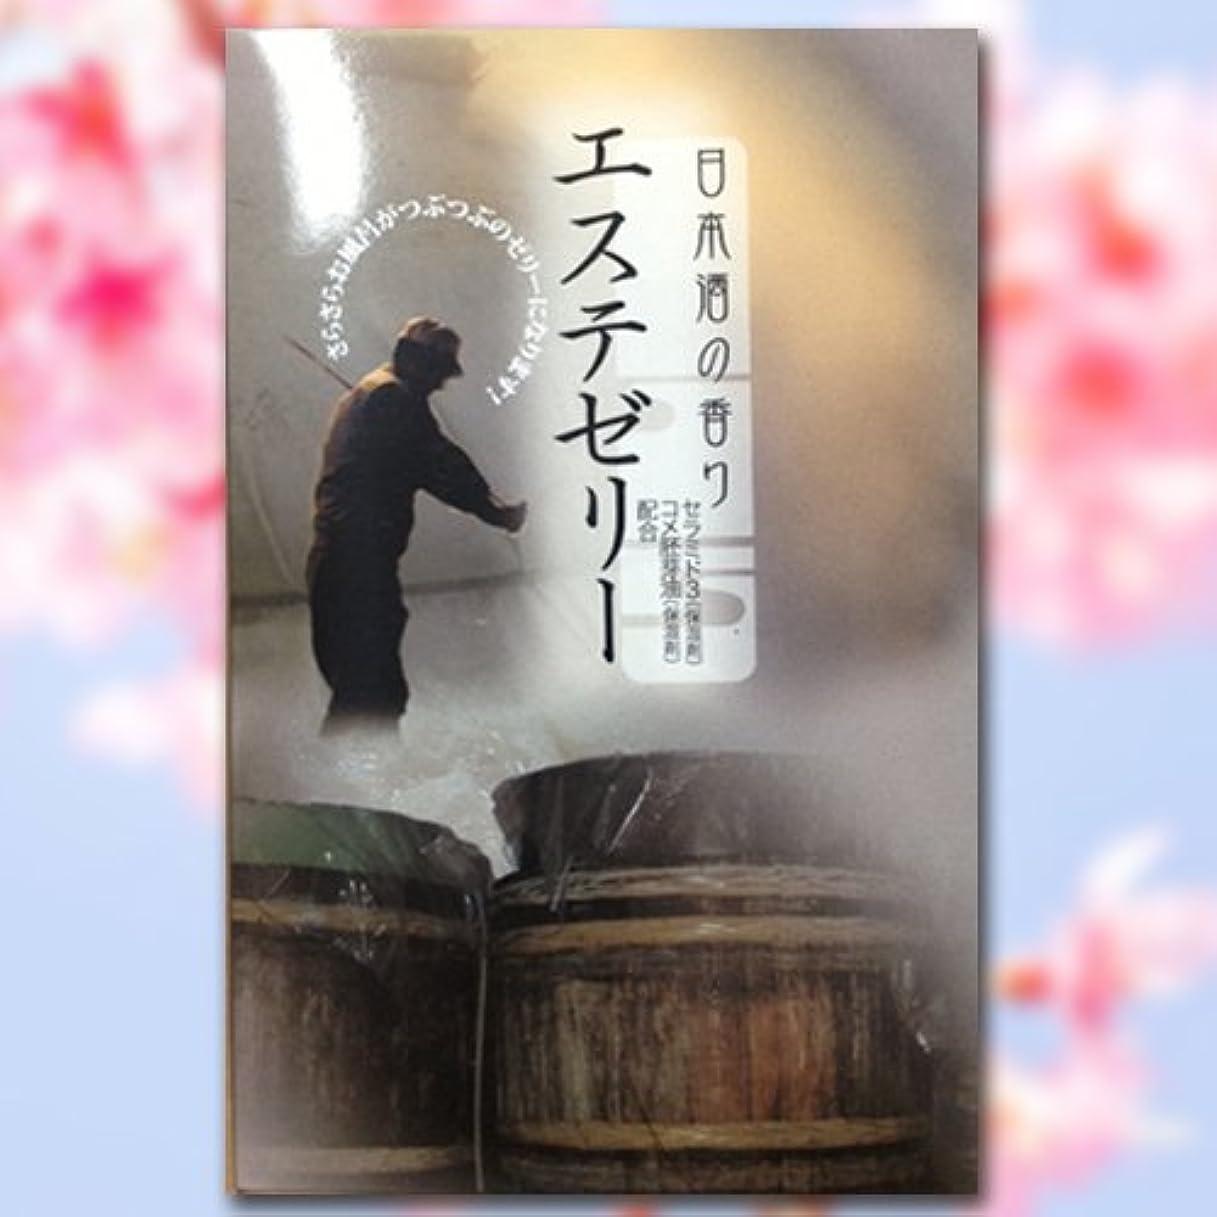 帰る二週間解決する【2個セット】Esthe Jelly エステゼリー 日本酒の香り (入浴剤)